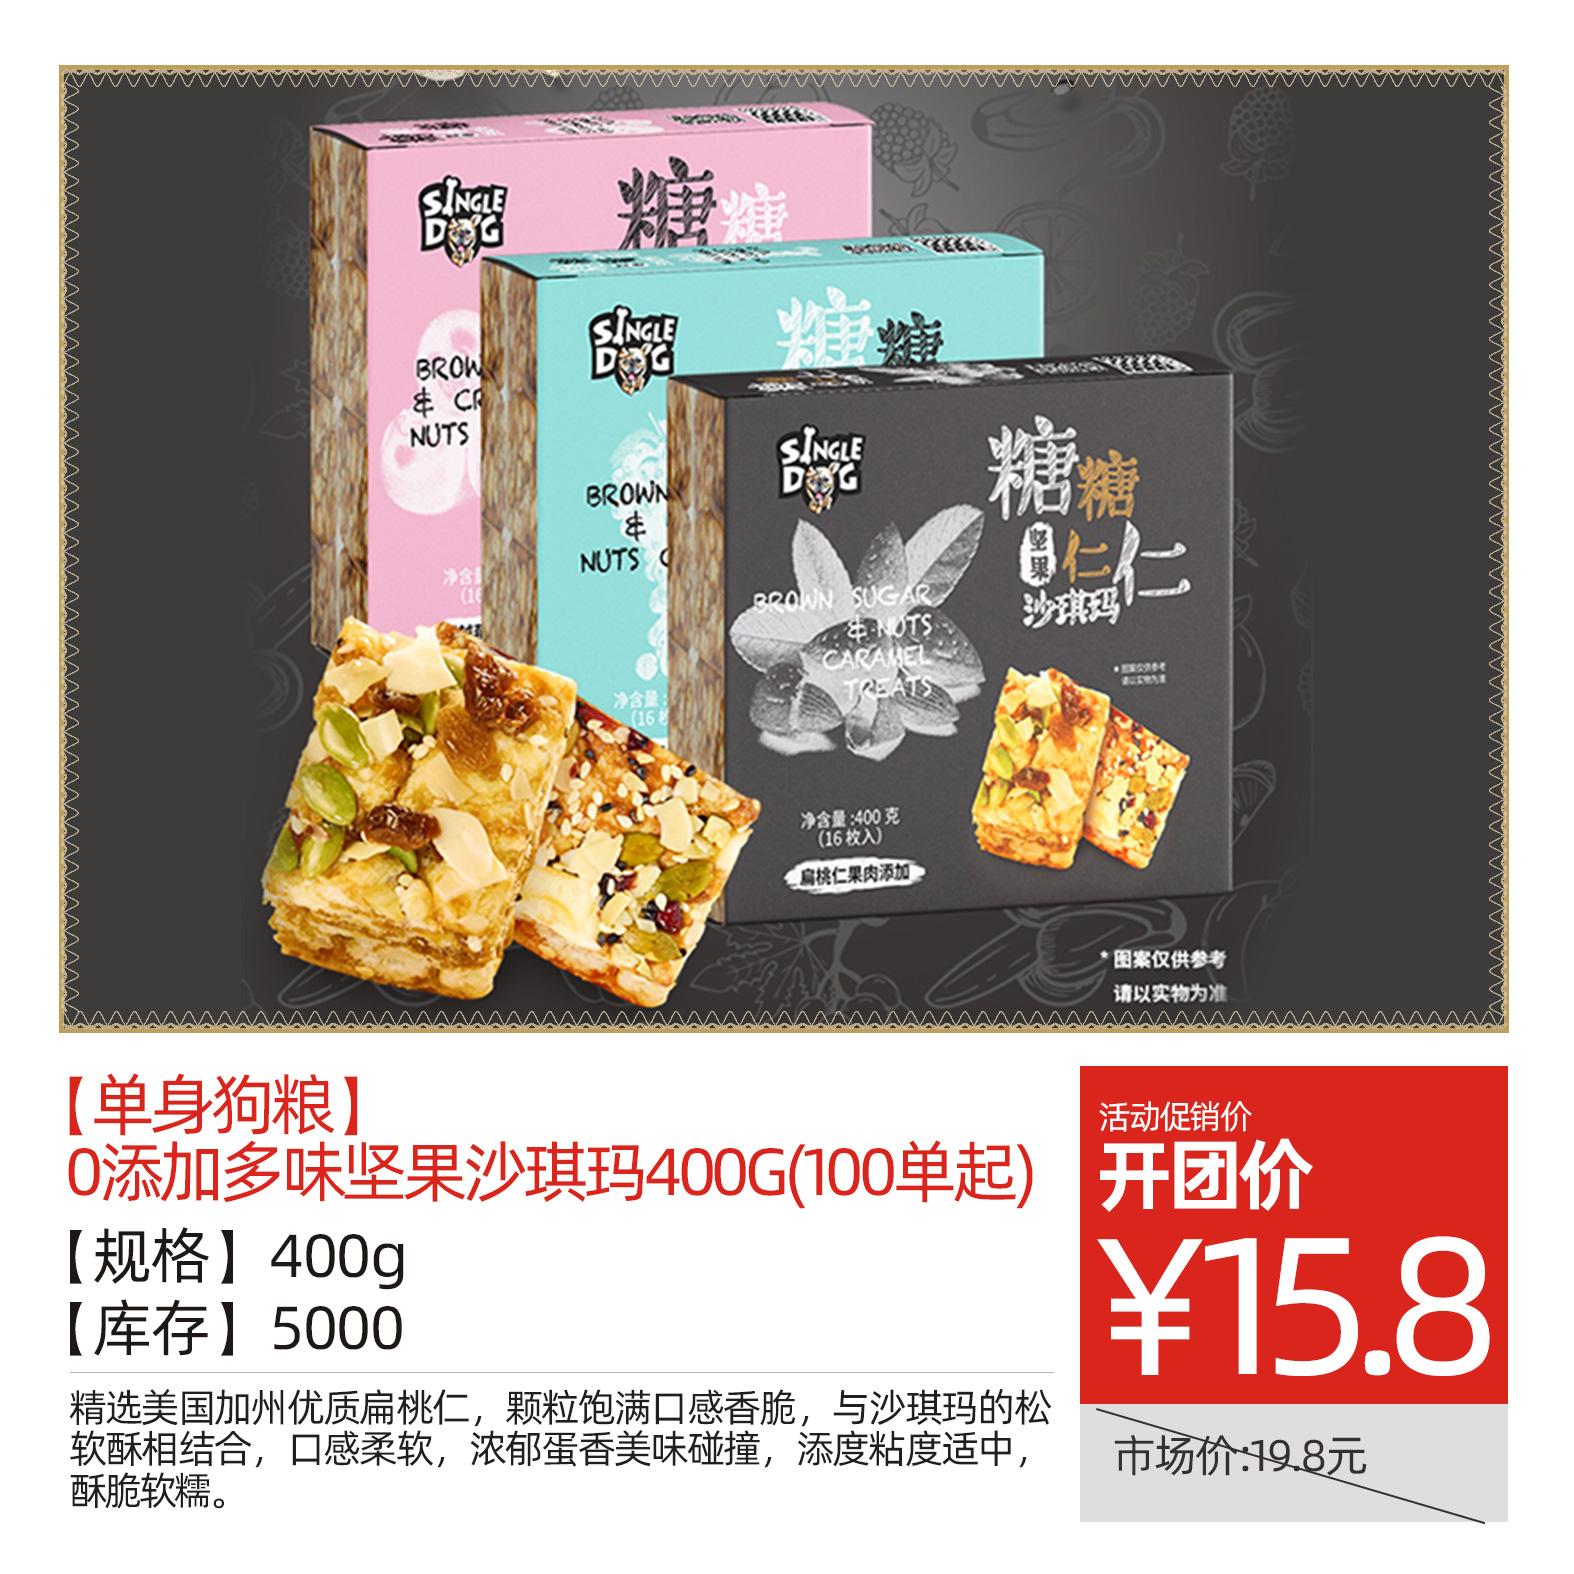 【单身狗粮】0添加多味坚果沙琪玛400g(100单起)